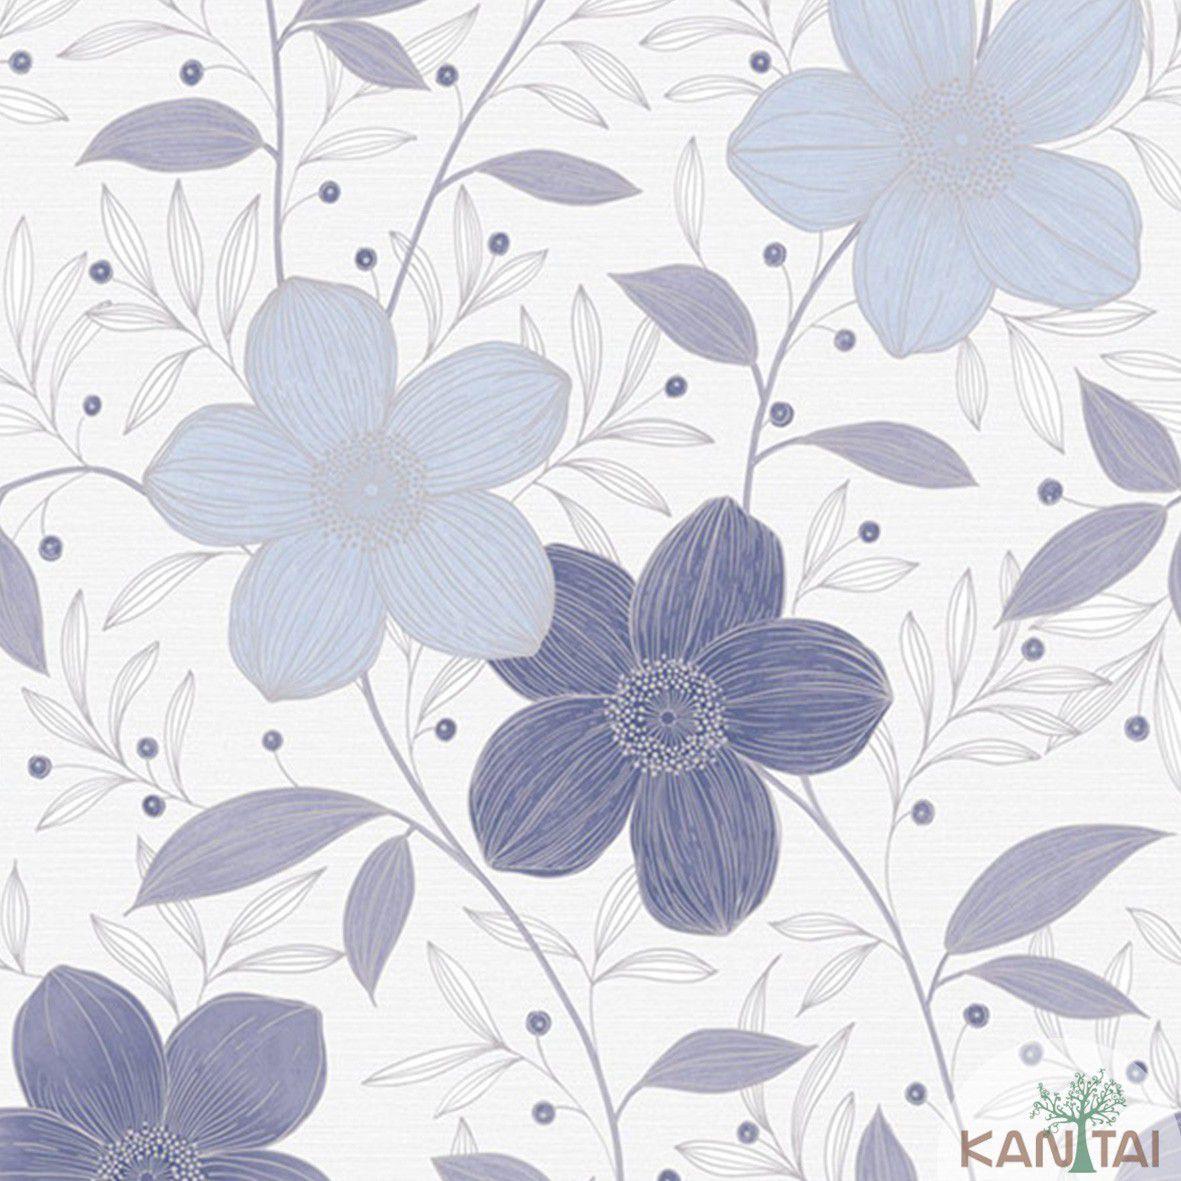 Papel de Parede  Kan Tai Vinilico Coleção Style Floral Marfim, Azul, Marrom